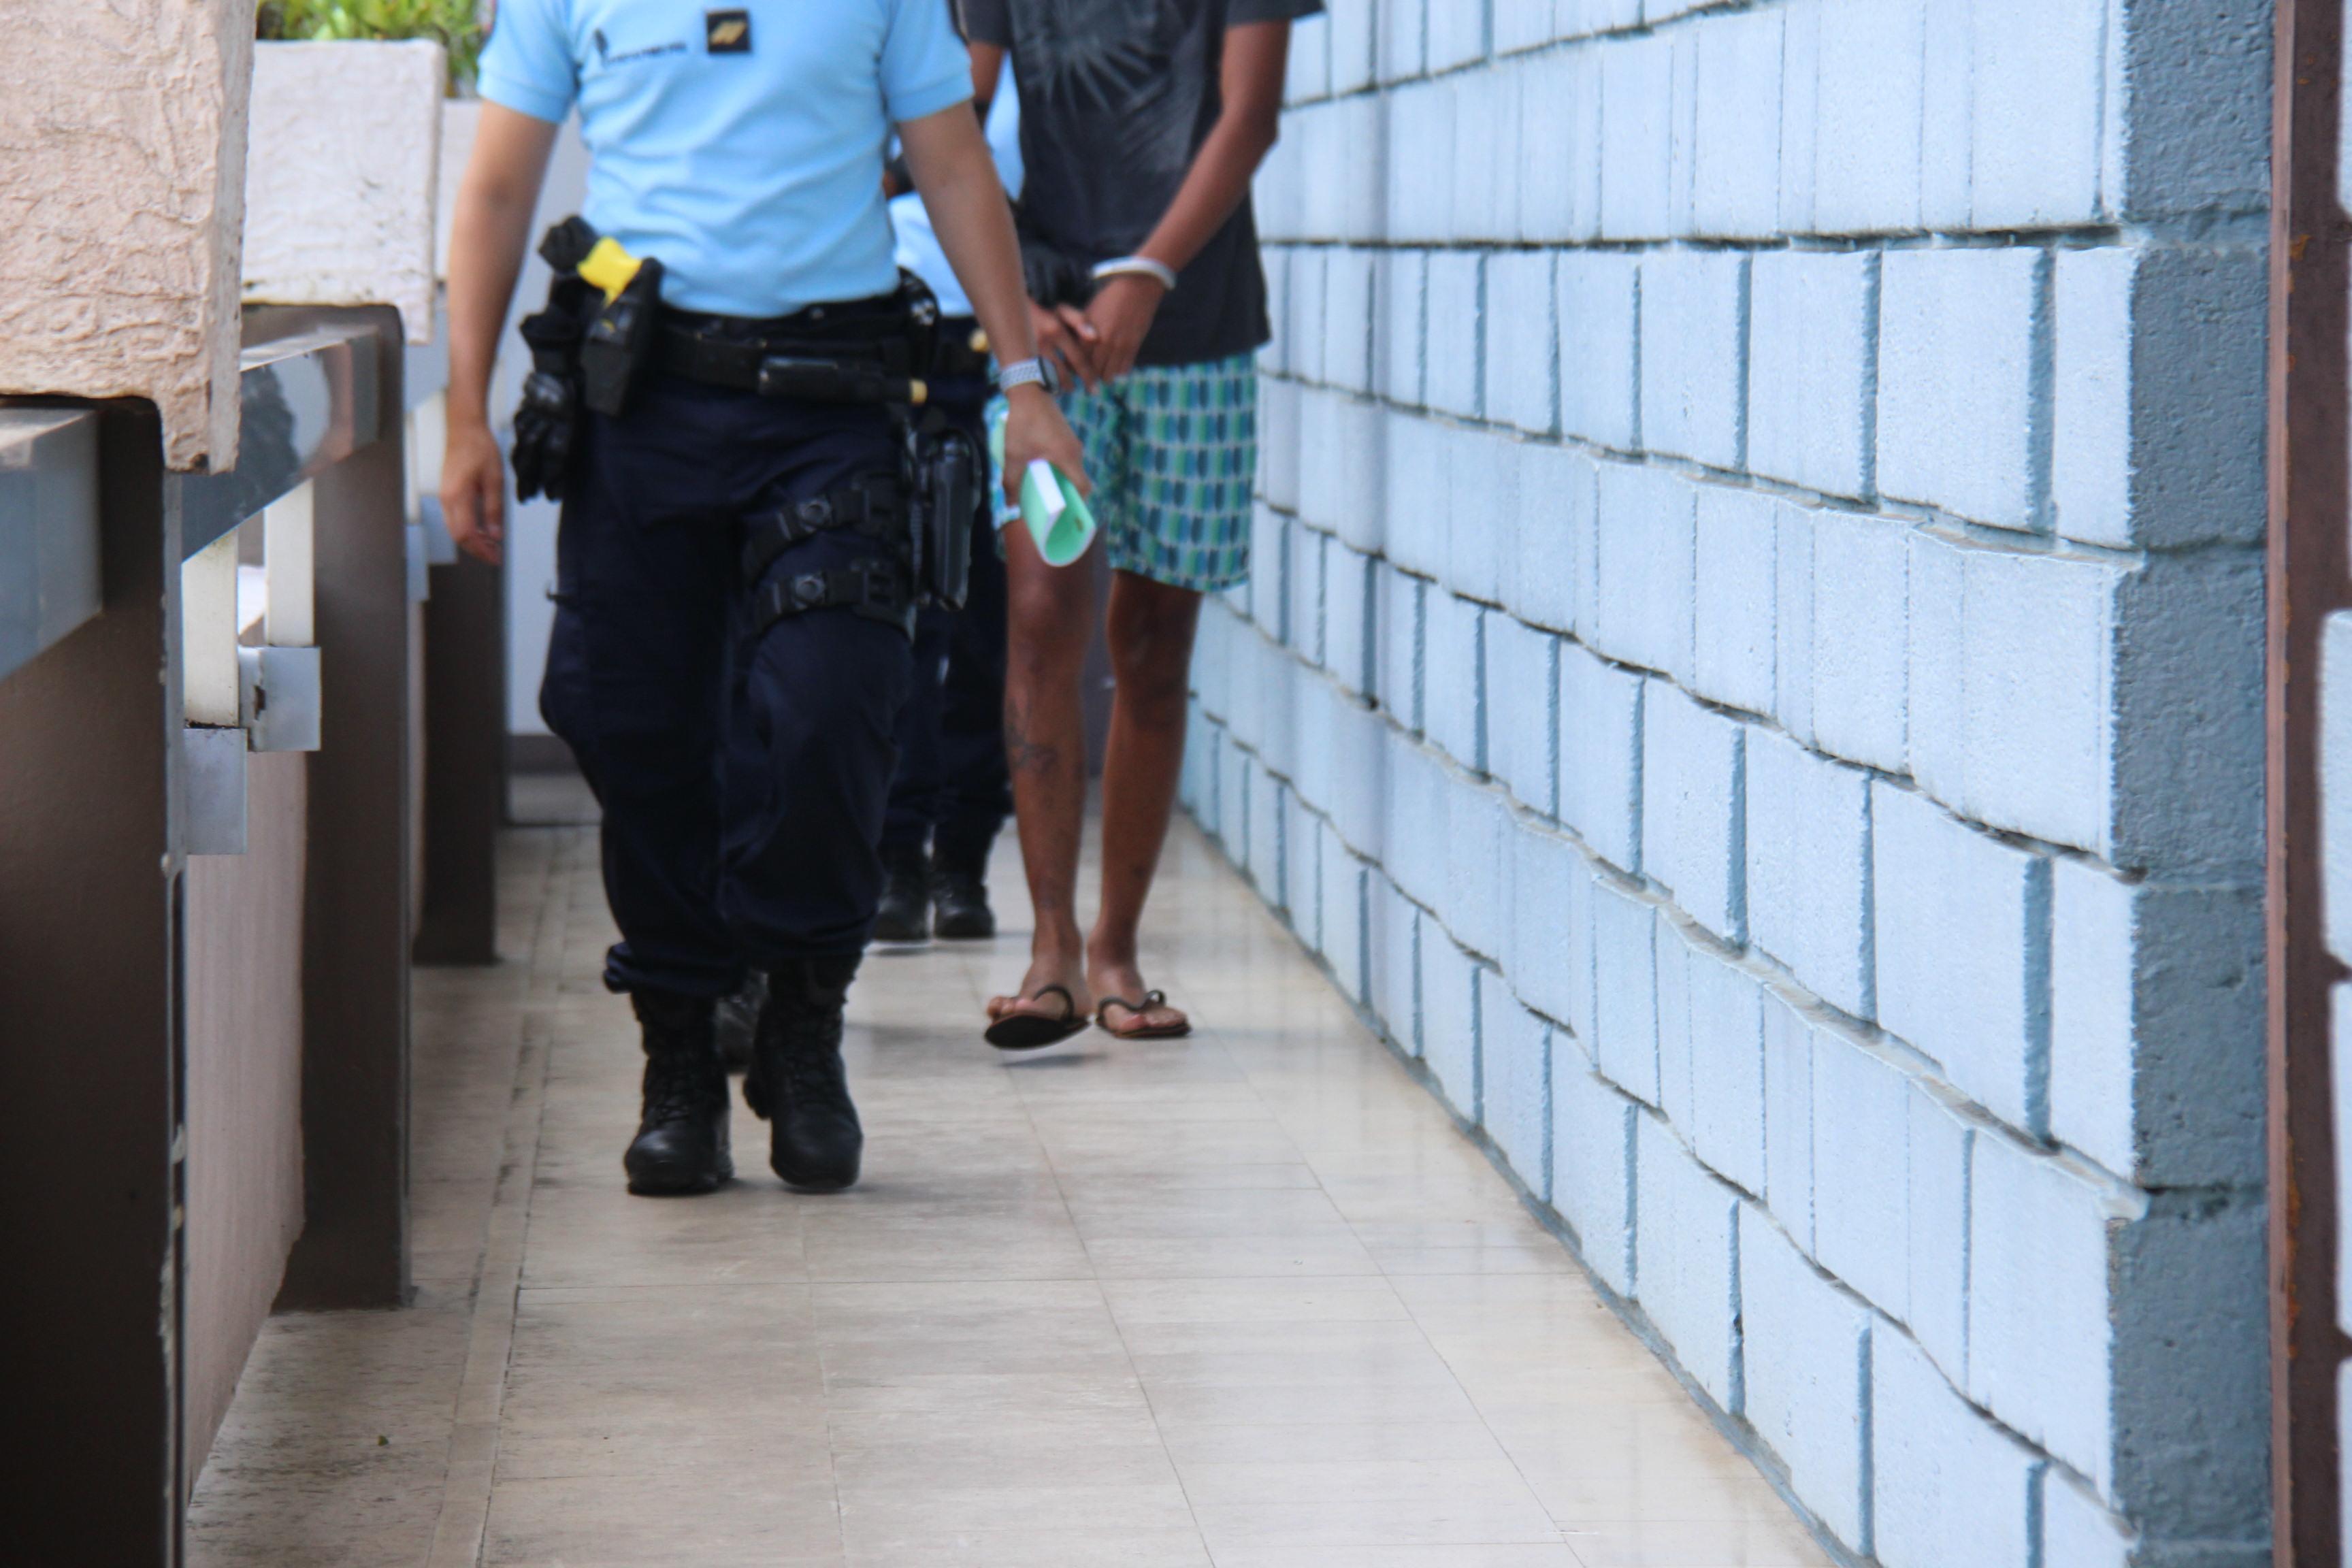 Braquage de la station Mobil: l'auteur des faits placé en détention provisoire